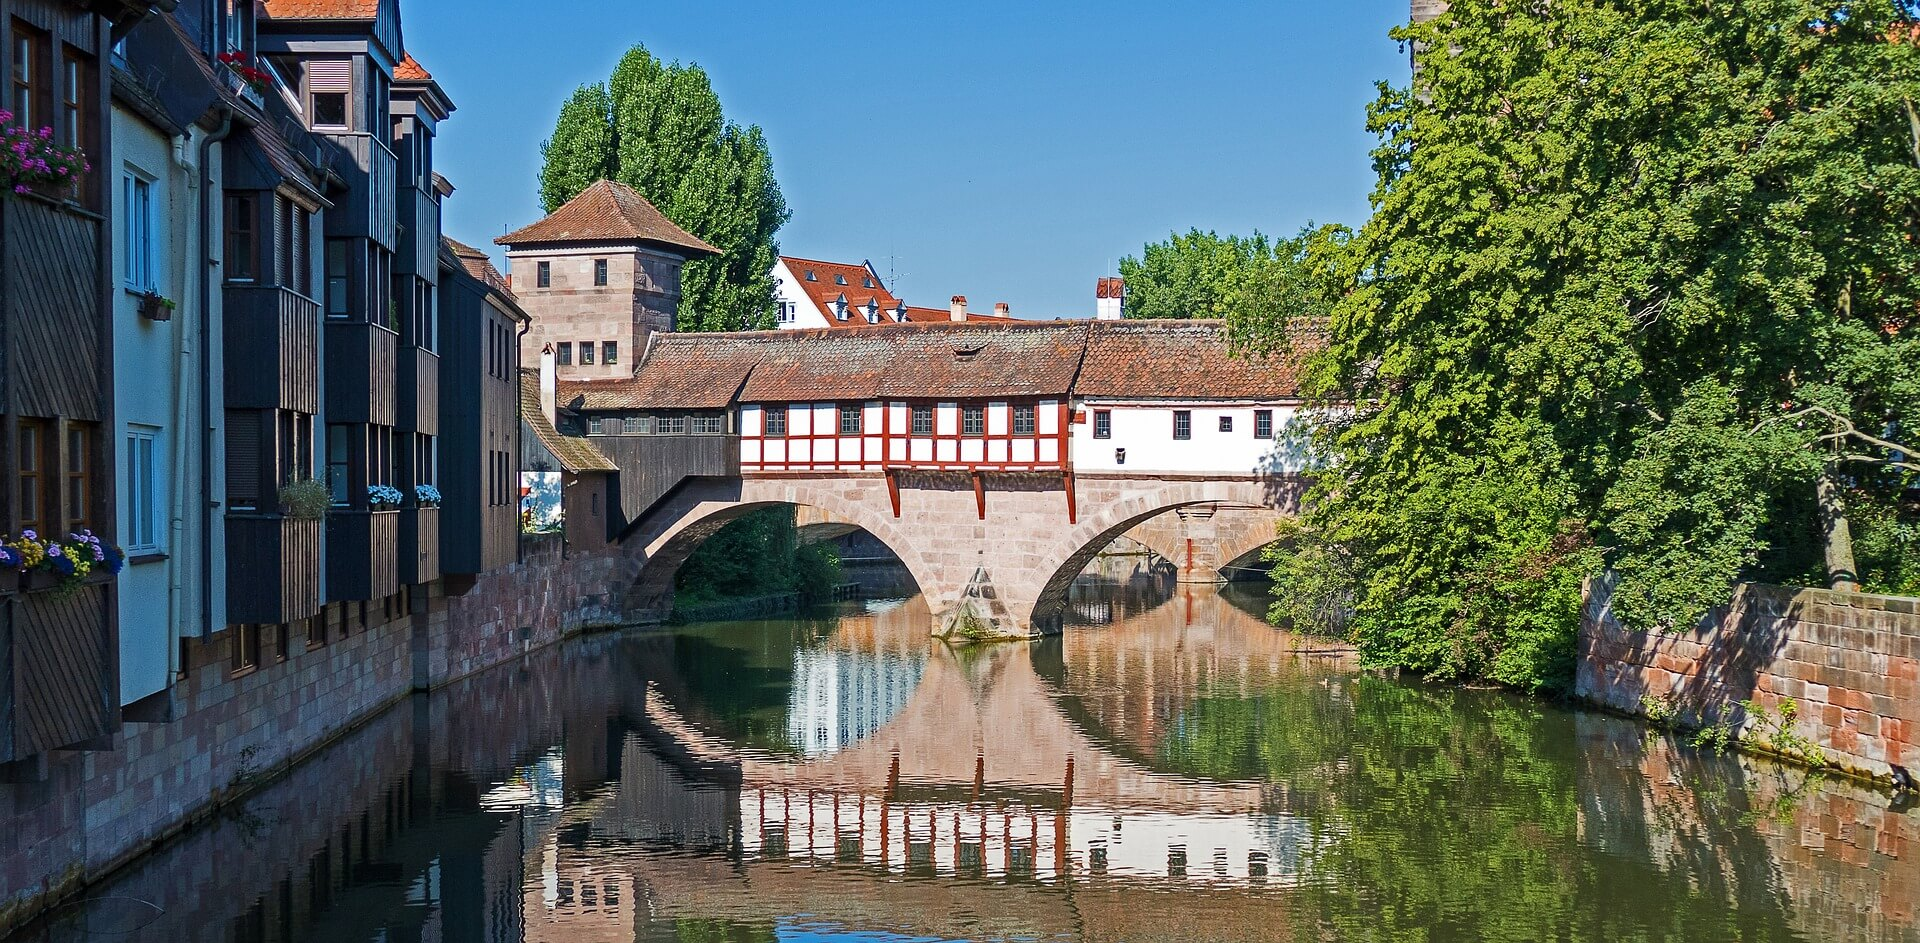 Direktflüge und Billigflüge ab Nürnberg